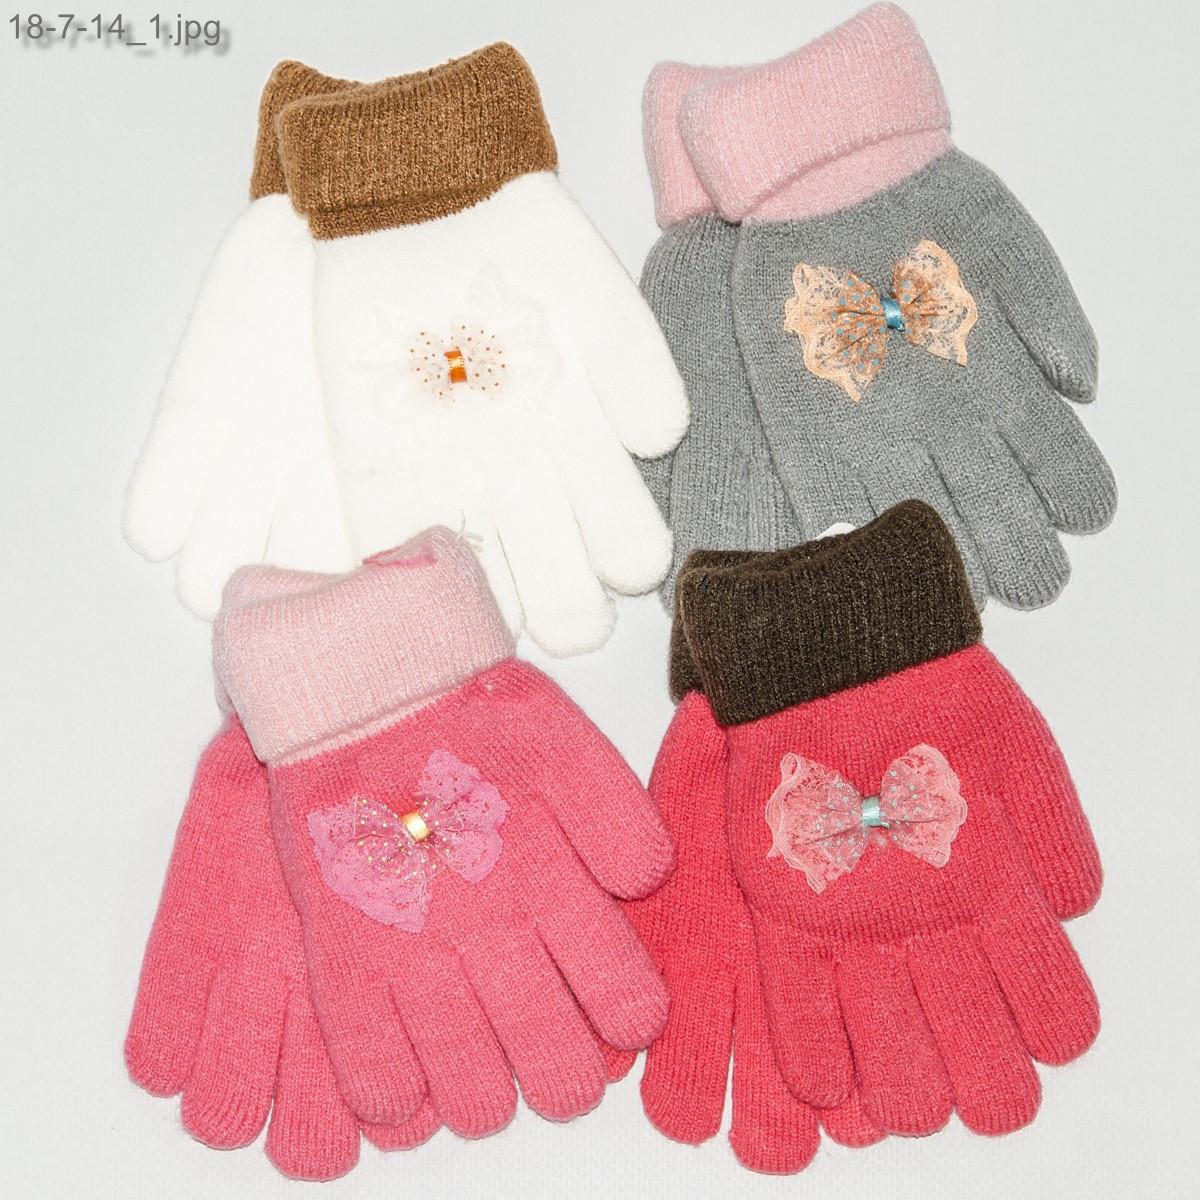 Двойные перчатки на девочек 1-3 года - №18-7-14